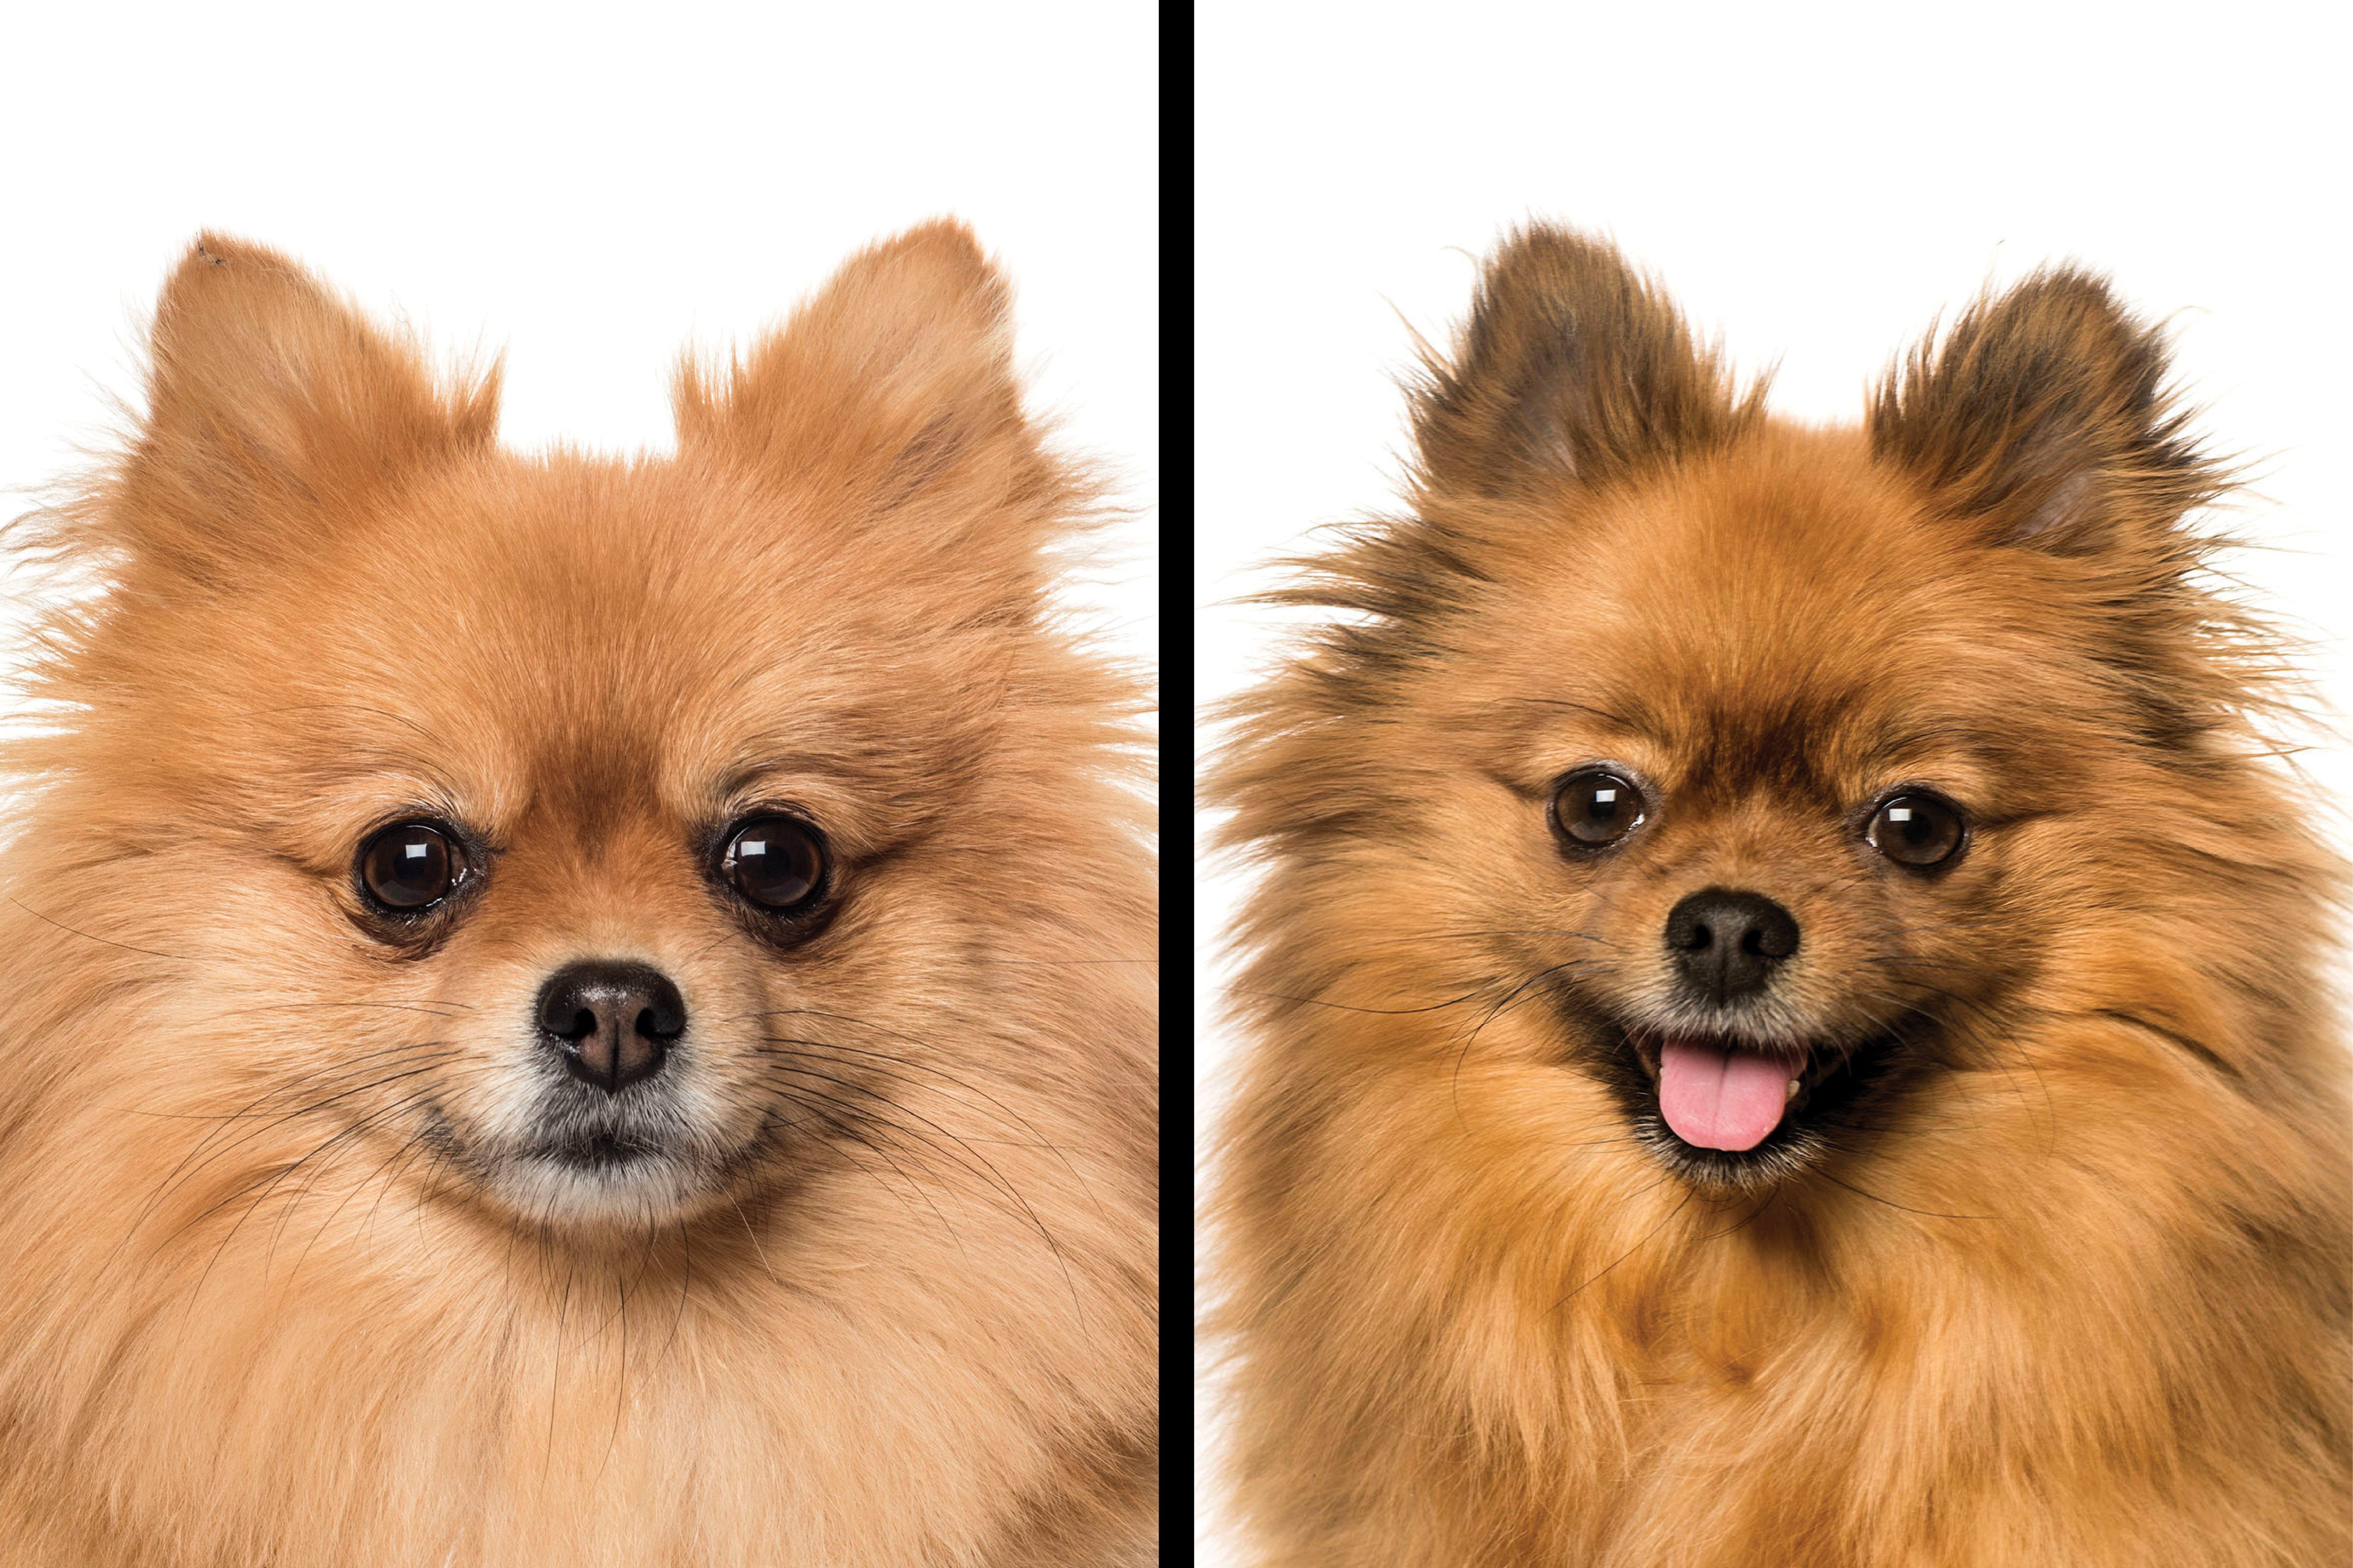 Pomeranian vs. Keeshond